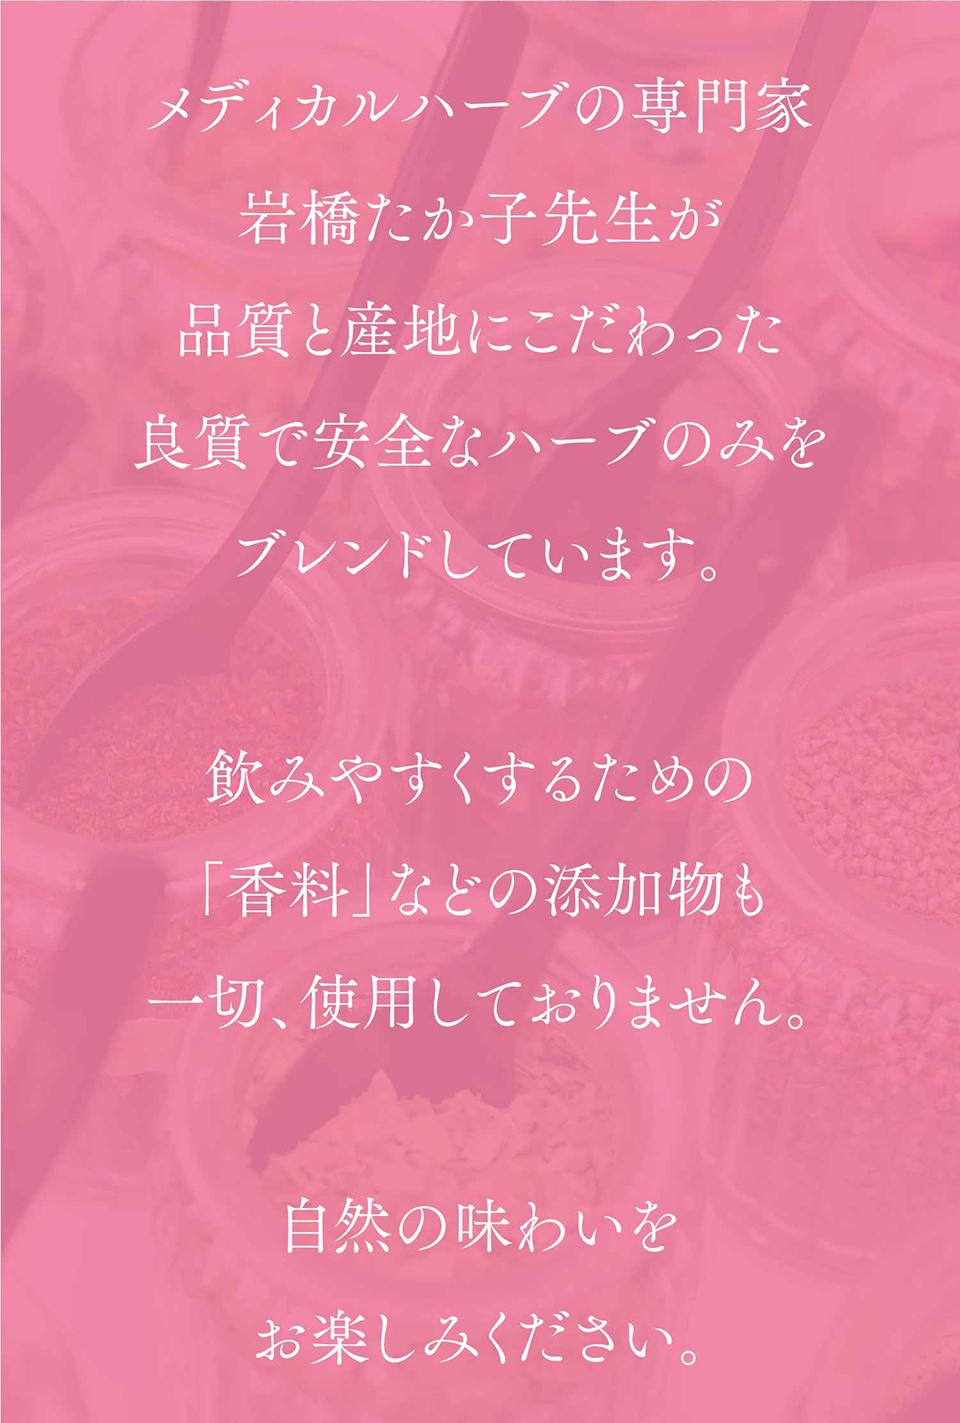 岩橋先生が品質と産地にこだわった良質で安全なハーブのみをブレンドしています。